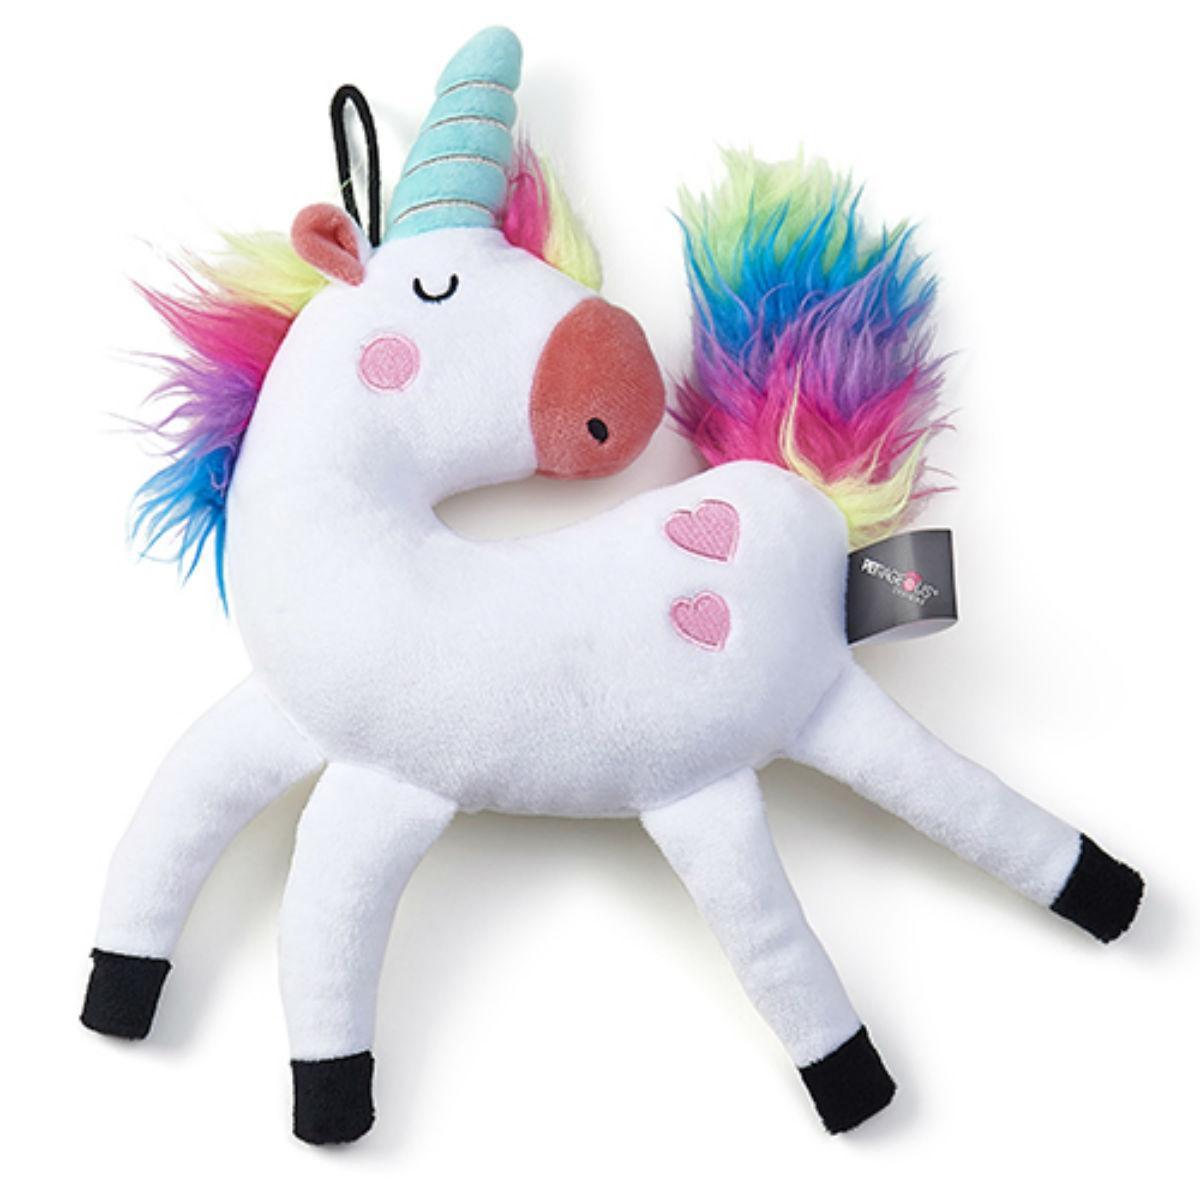 FabRageous Dog Toy - Unicorn